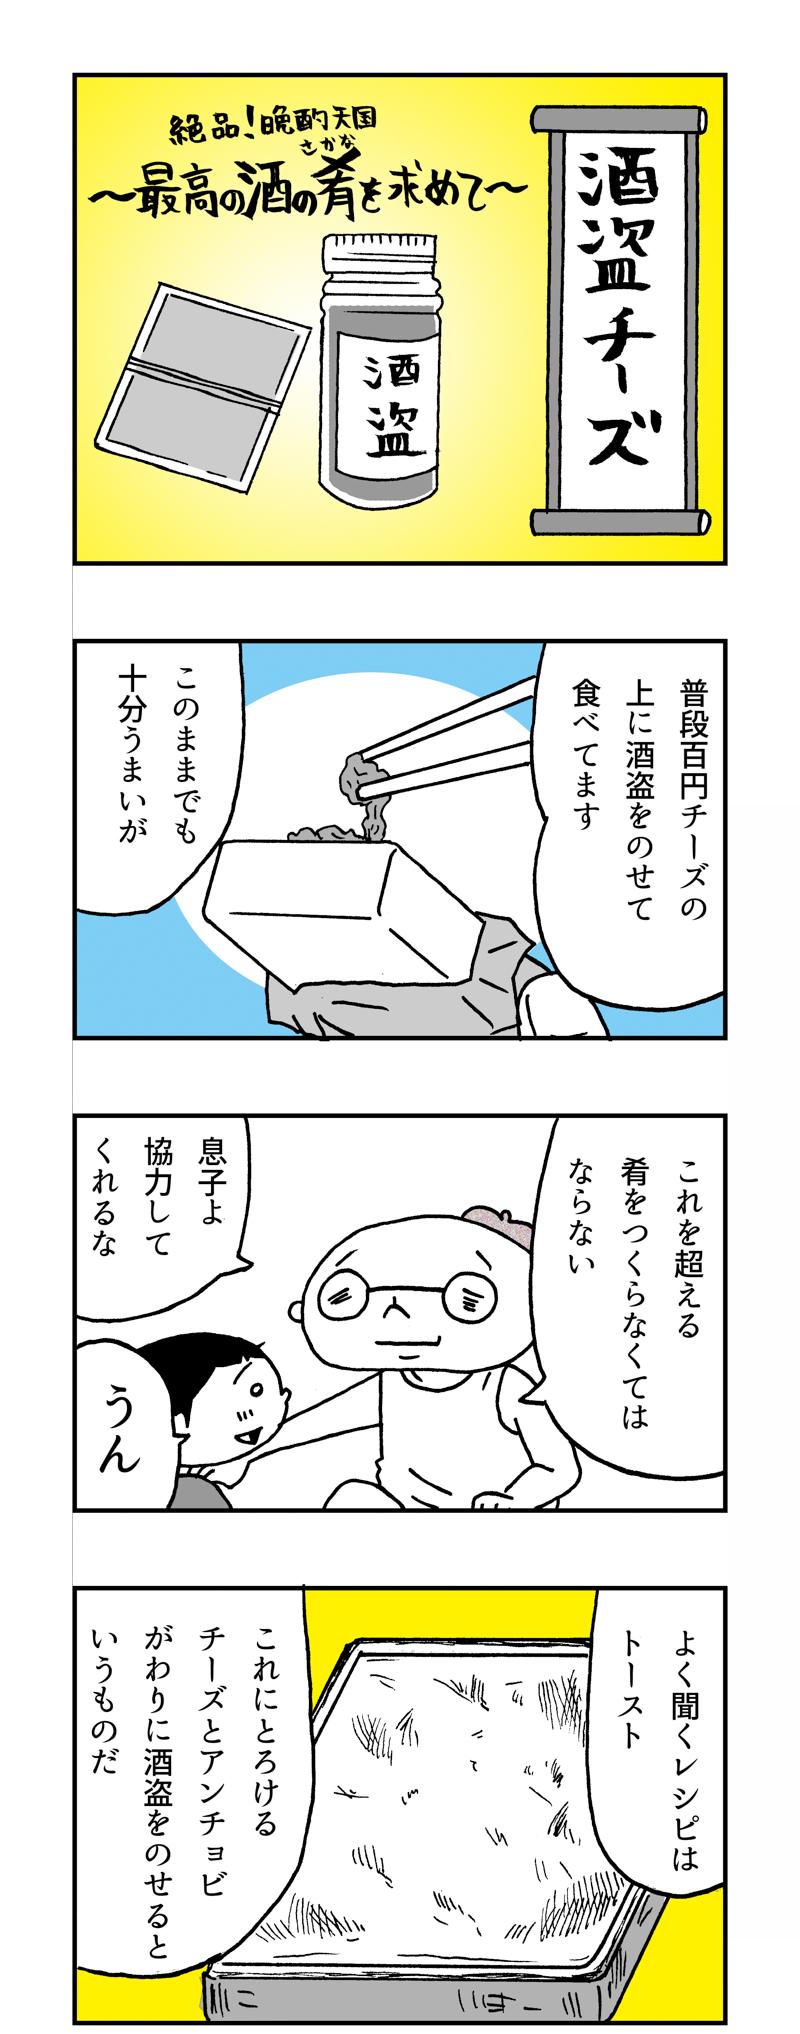 【マンガ】ヤバすぎるうまさの「酒盗ピザ」を自作した話【絶品! 晩酌天国】